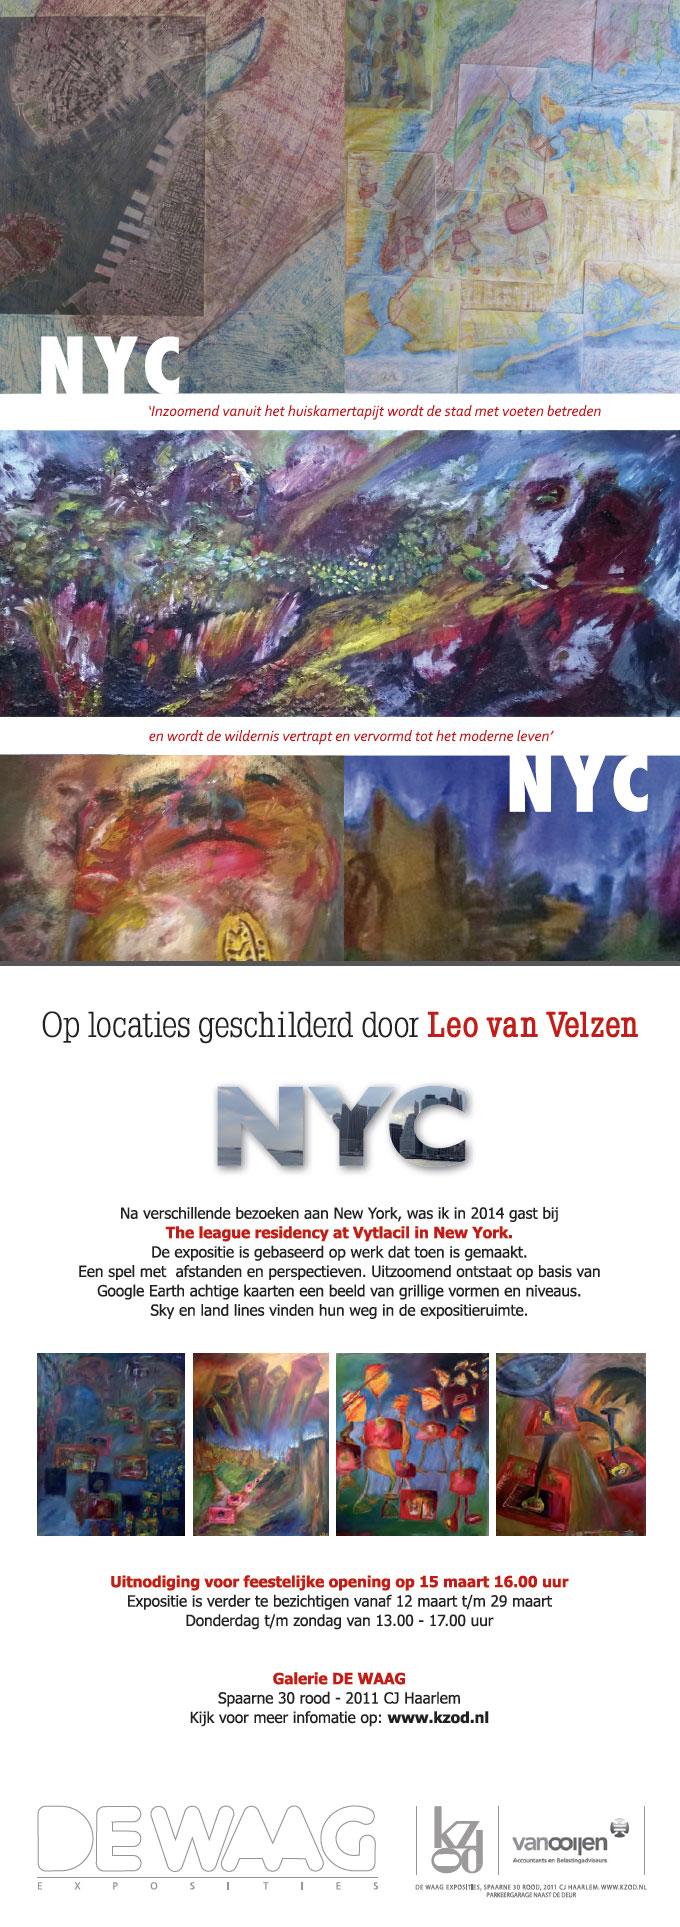 Leo-van-Velzen-expositie-de-waag